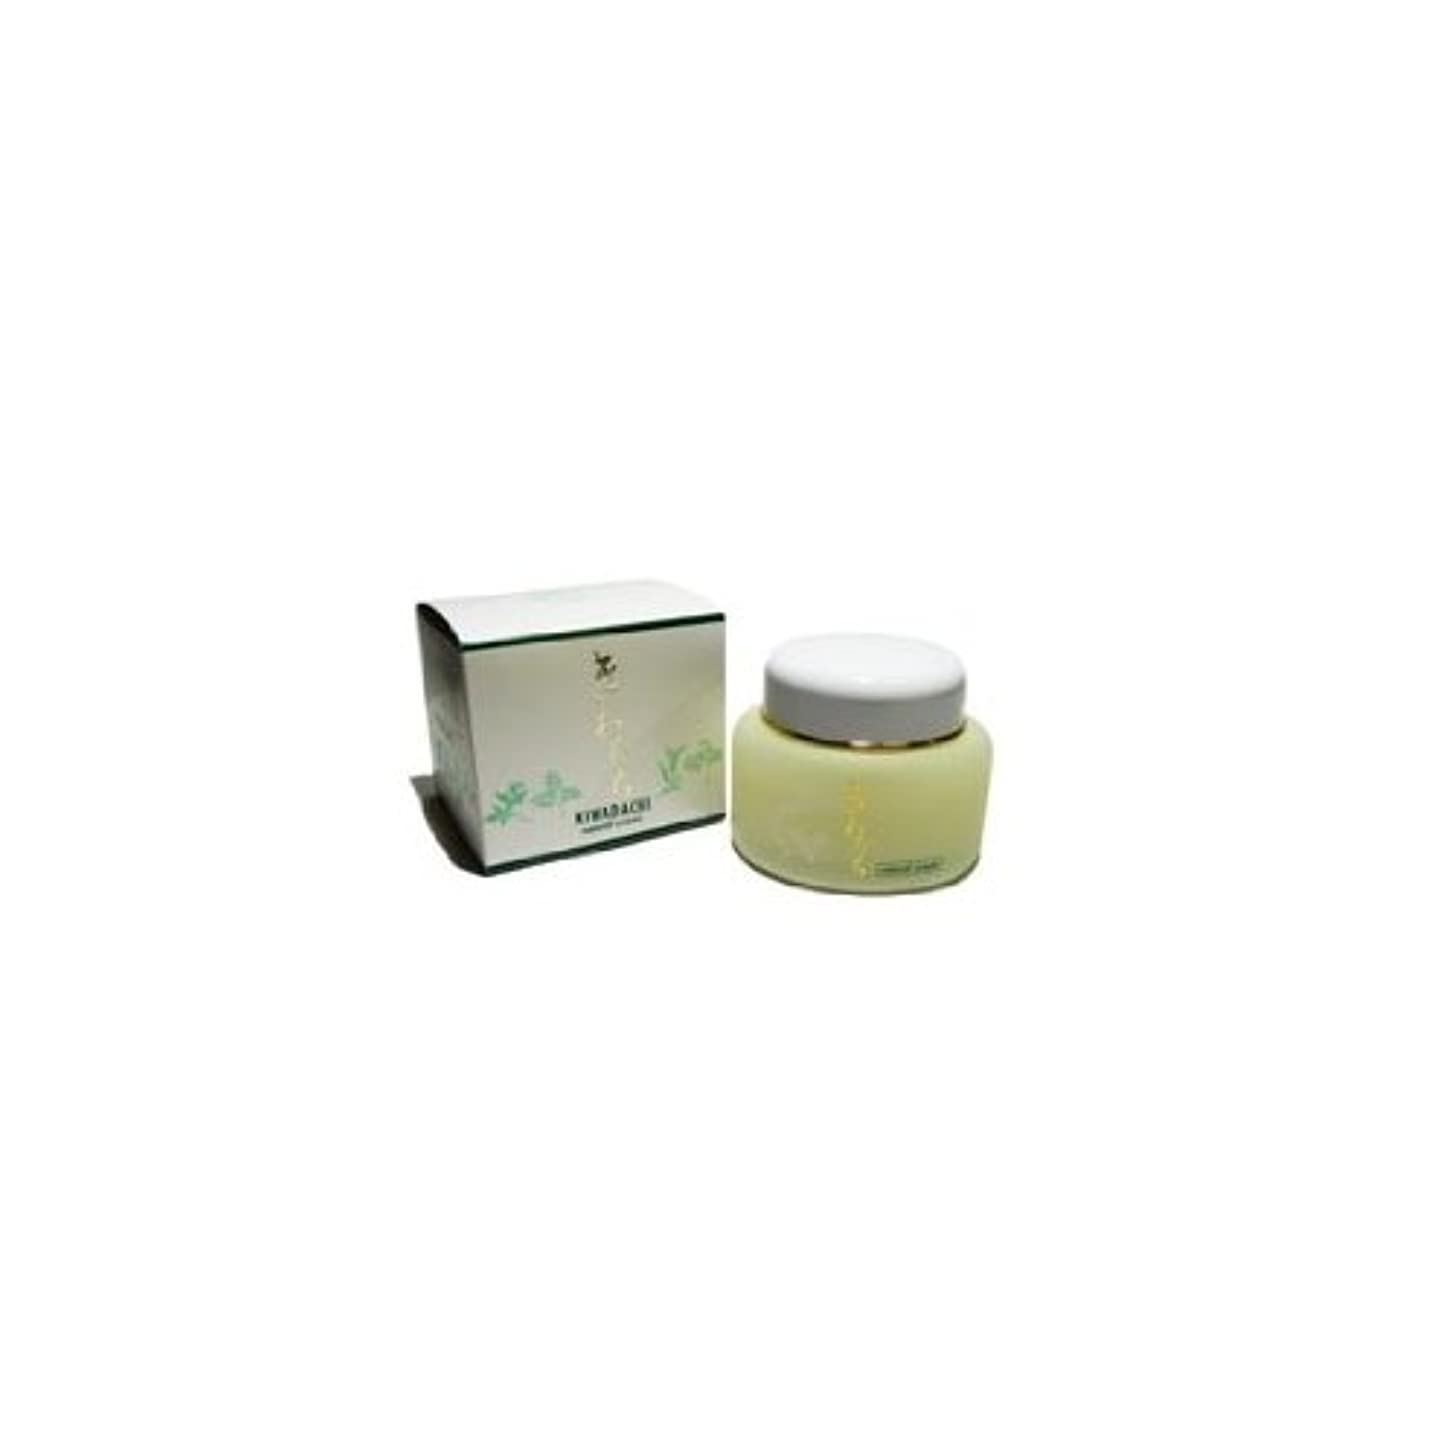 香水権限を与える優先権きわだち ナチュラルクリーム80g<敏感肌用> -東洋自然植物スキンケア-